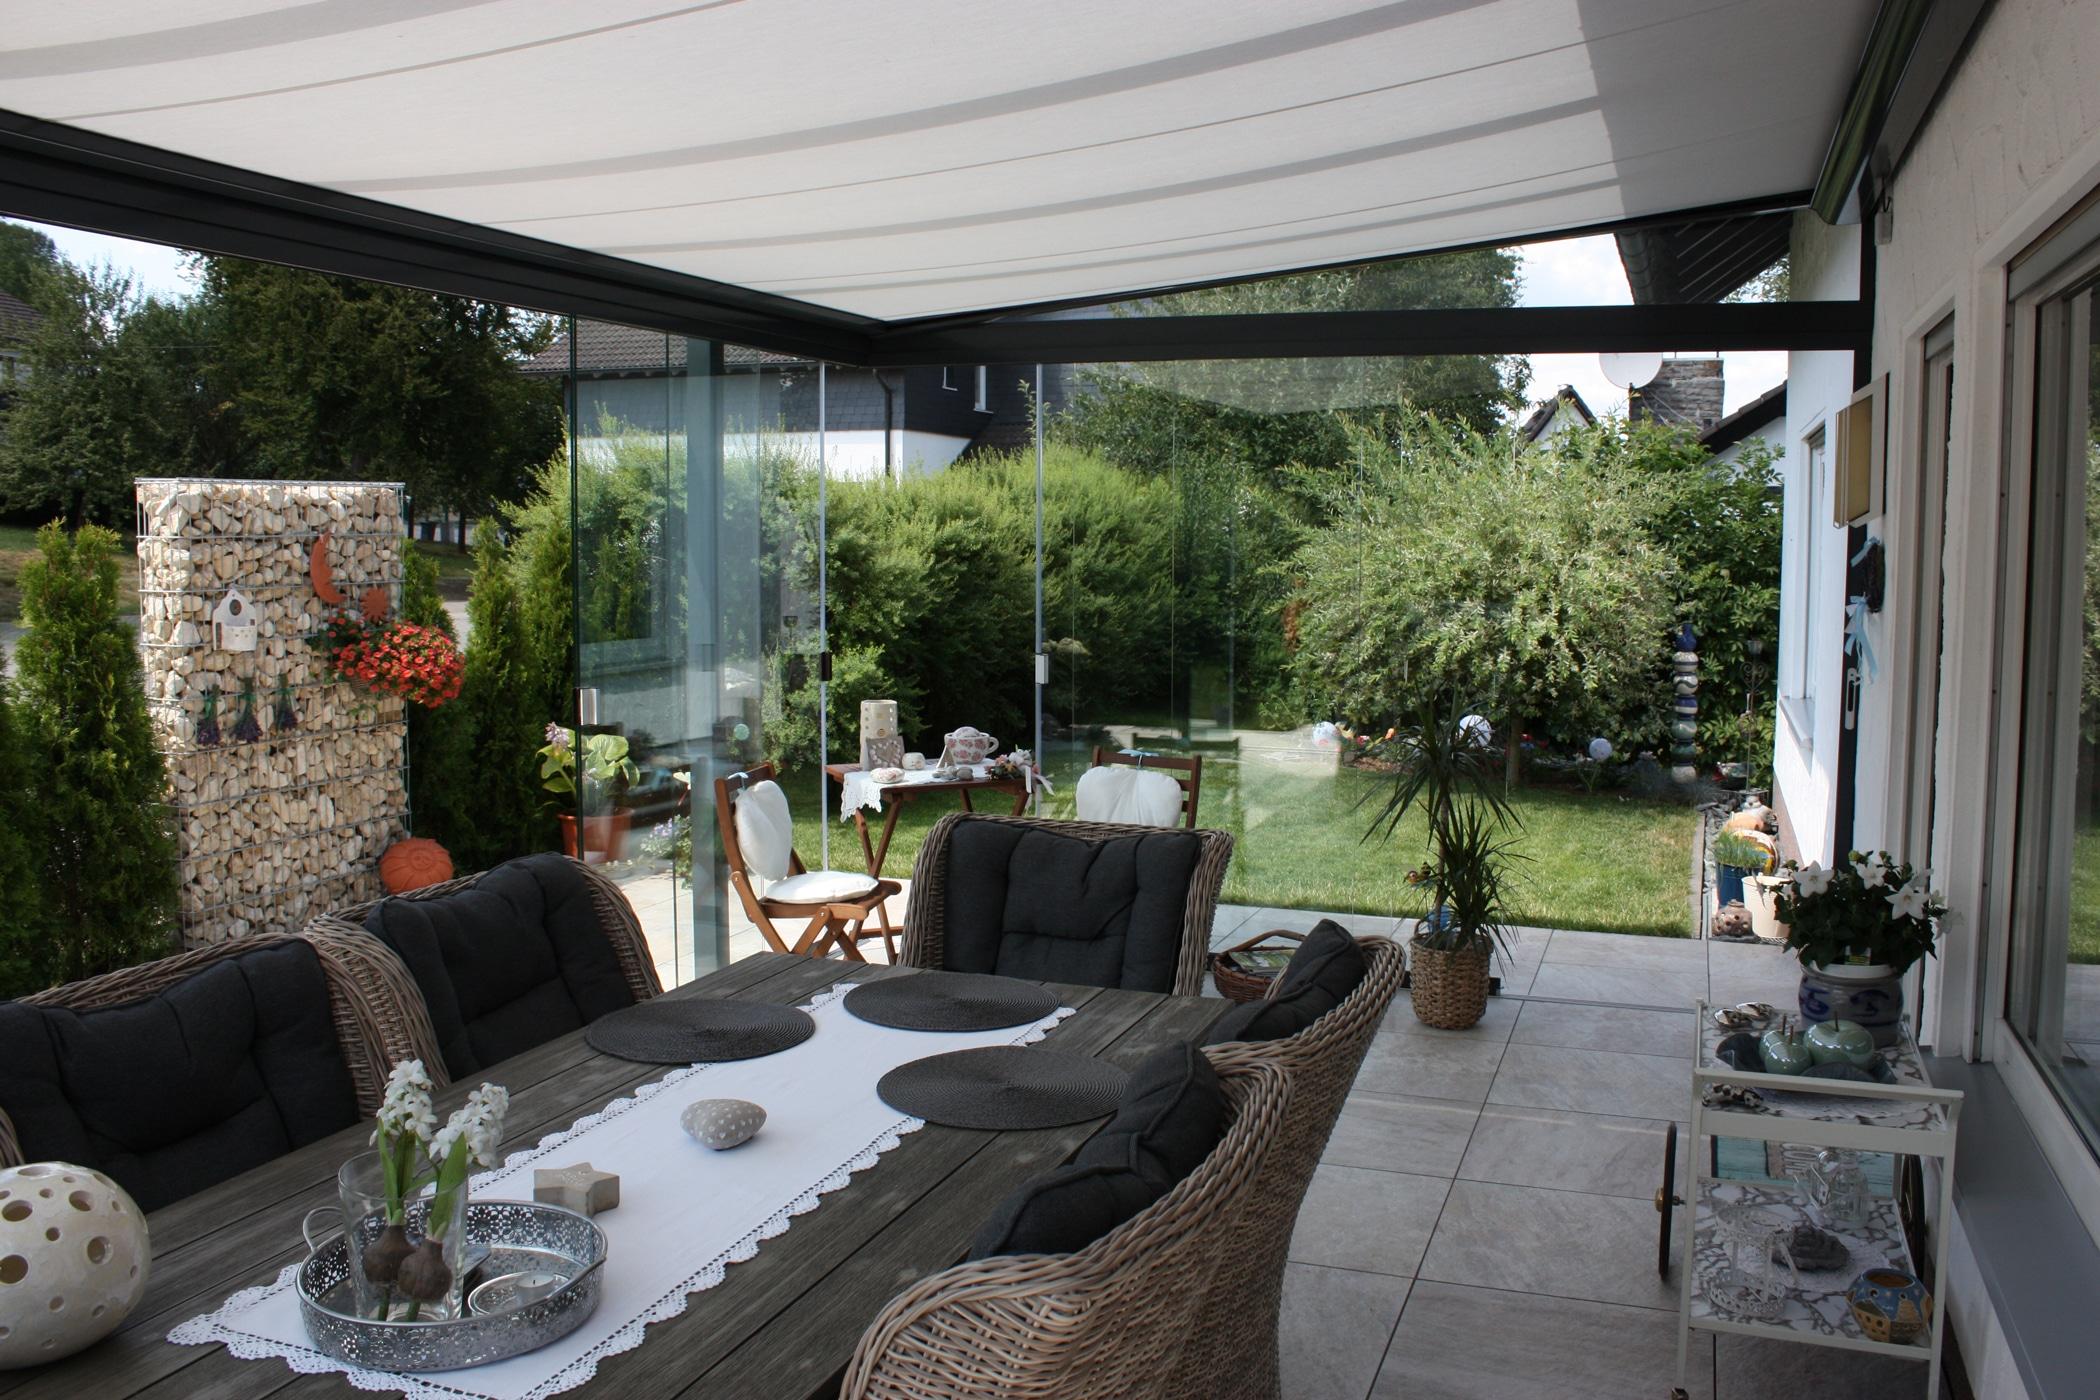 Terrasse mit durchsichtem Windschutz verkleiden